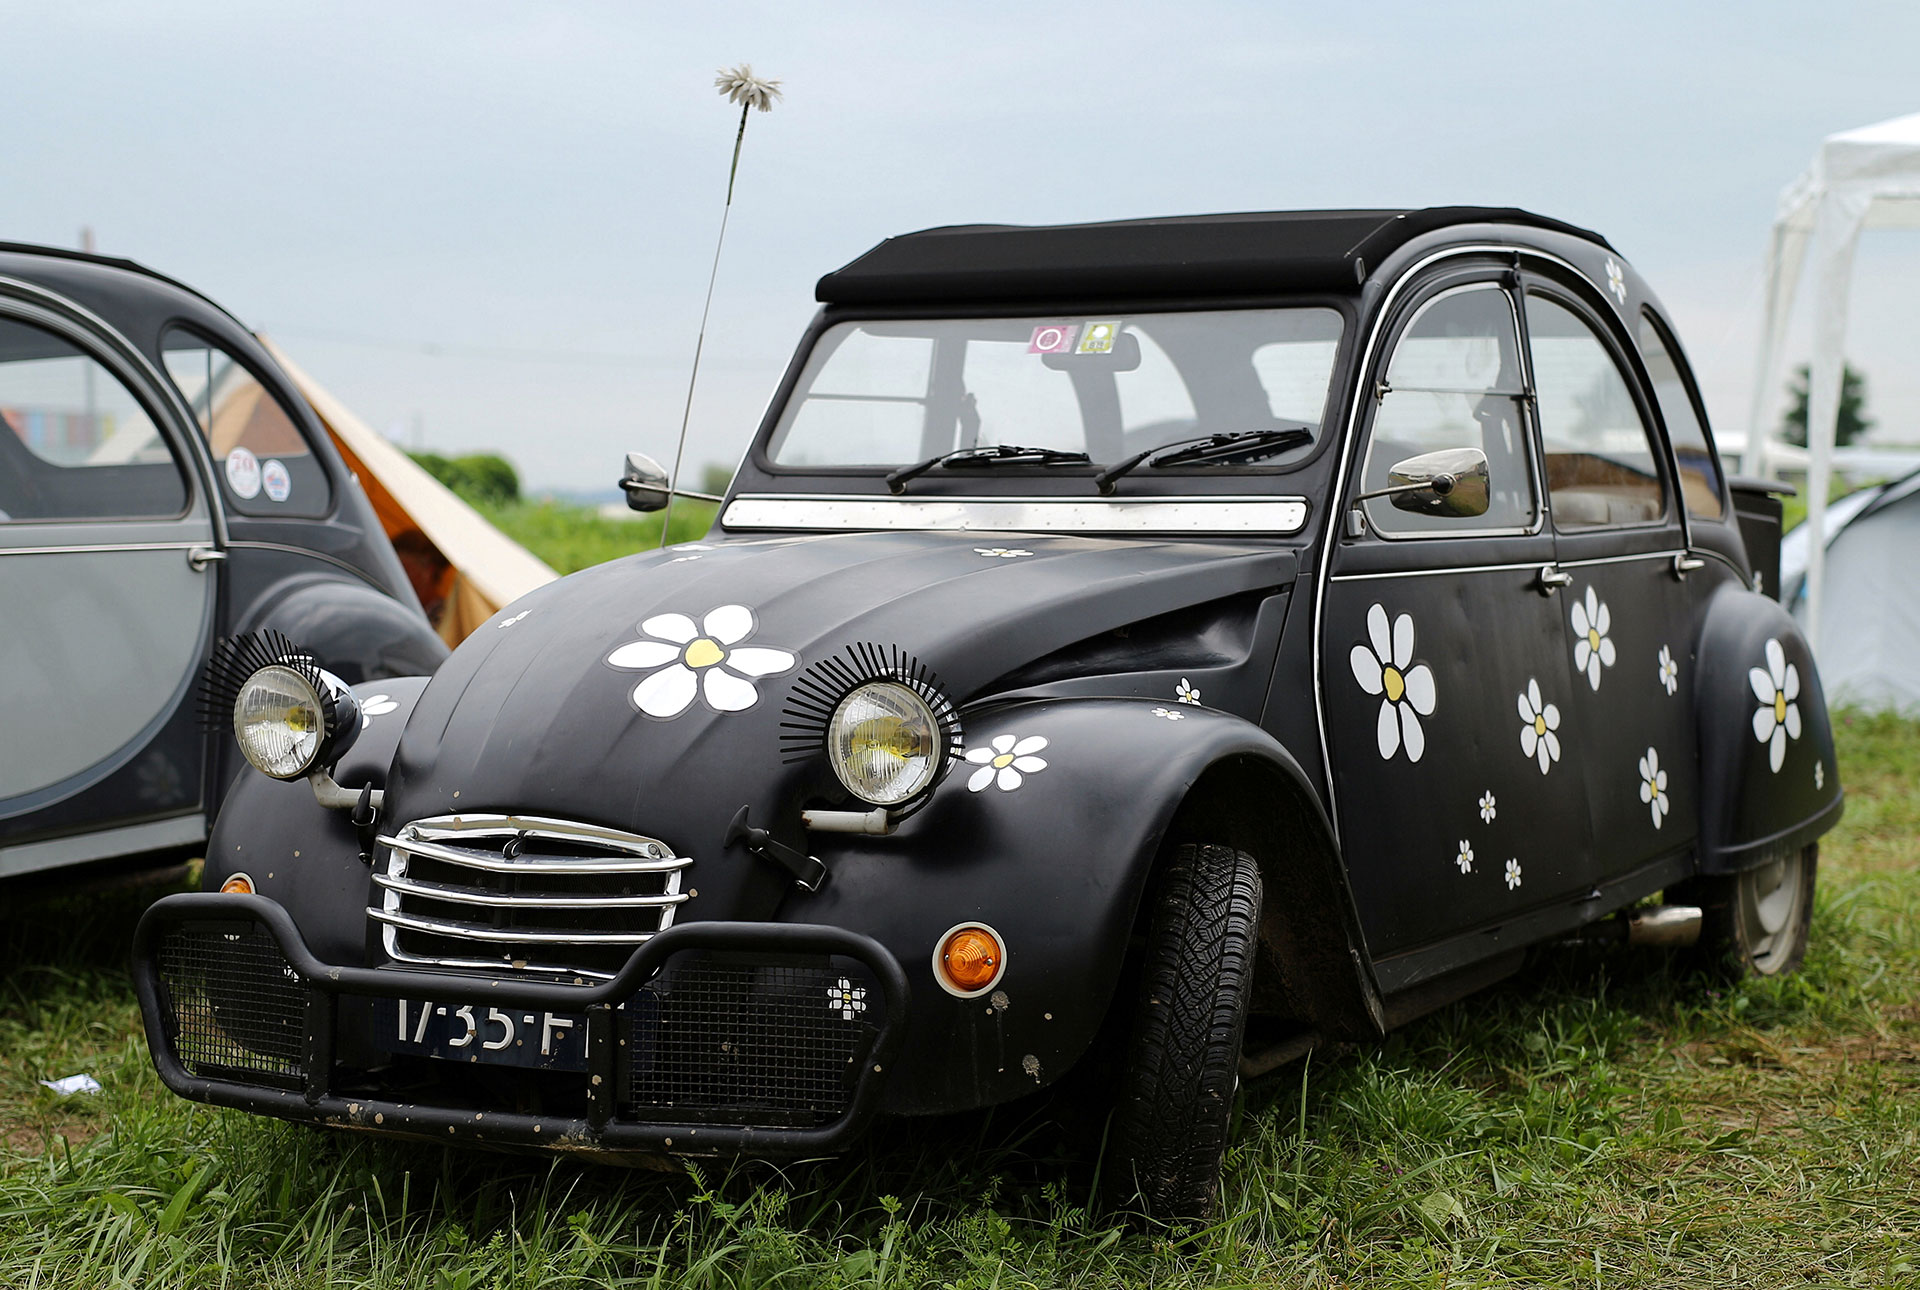 Un Citroën 2CV negro y floreado hecho a medida en Samobor, Croacia. (Reuters)